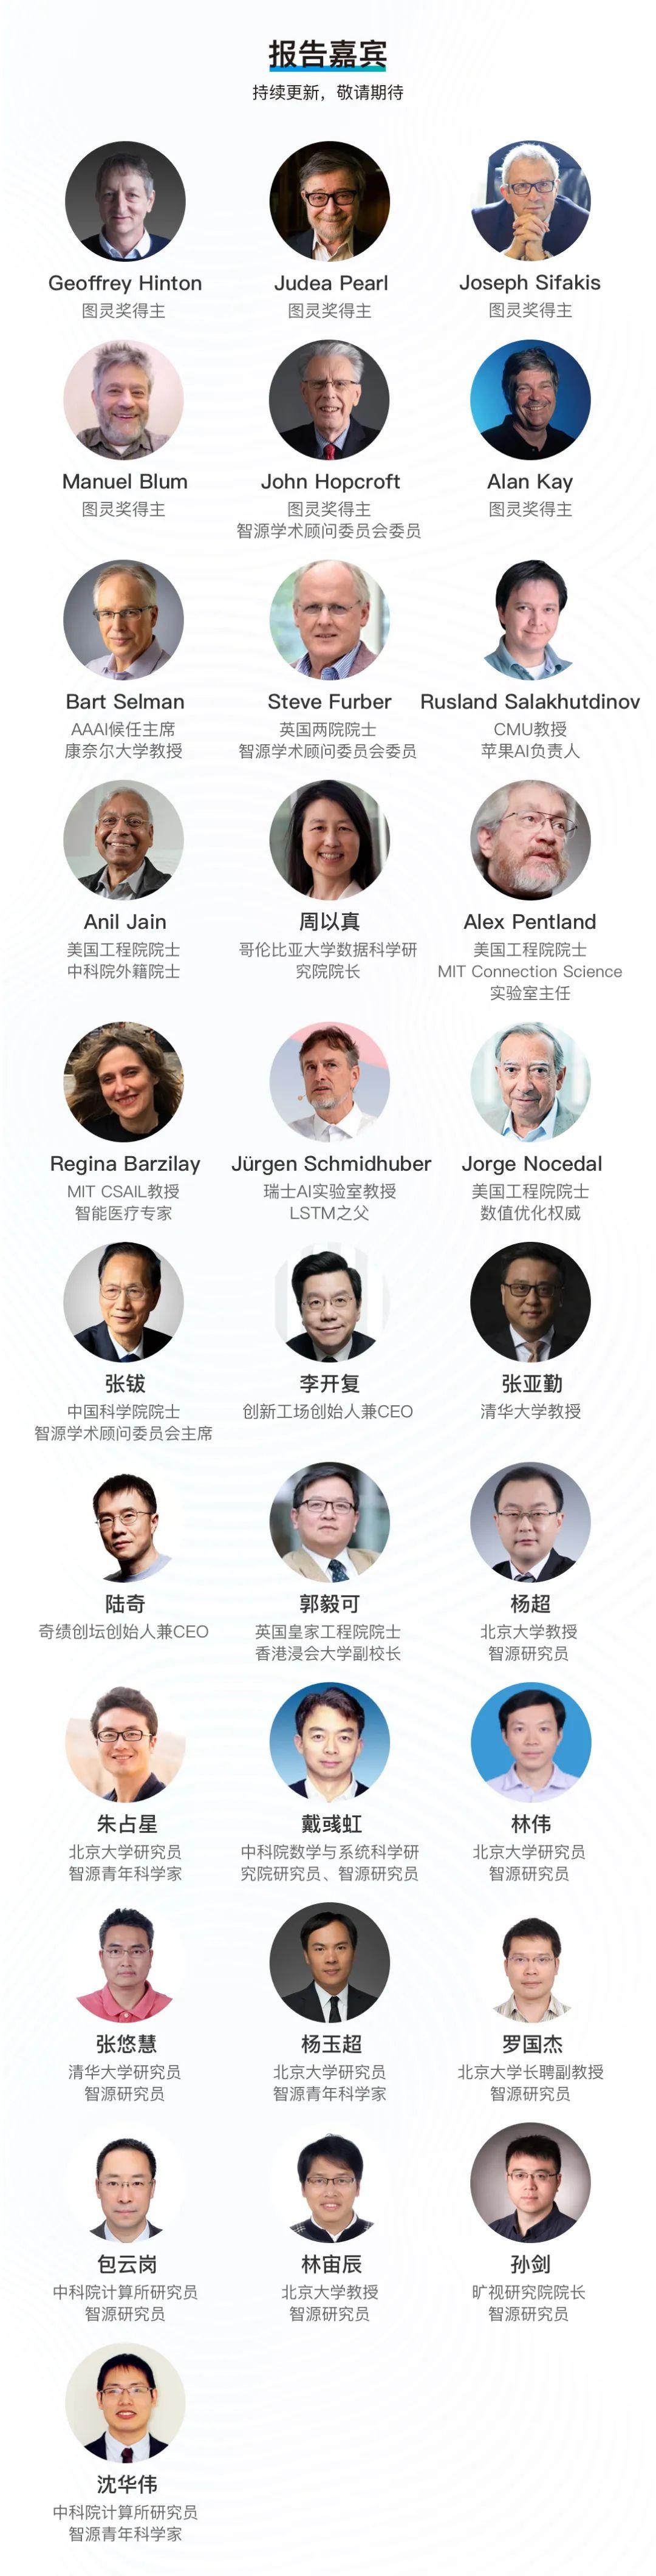 Hinton等6位图灵奖得主、百余位顶级学者邀你加入群聊,共话人工智能下一个十年